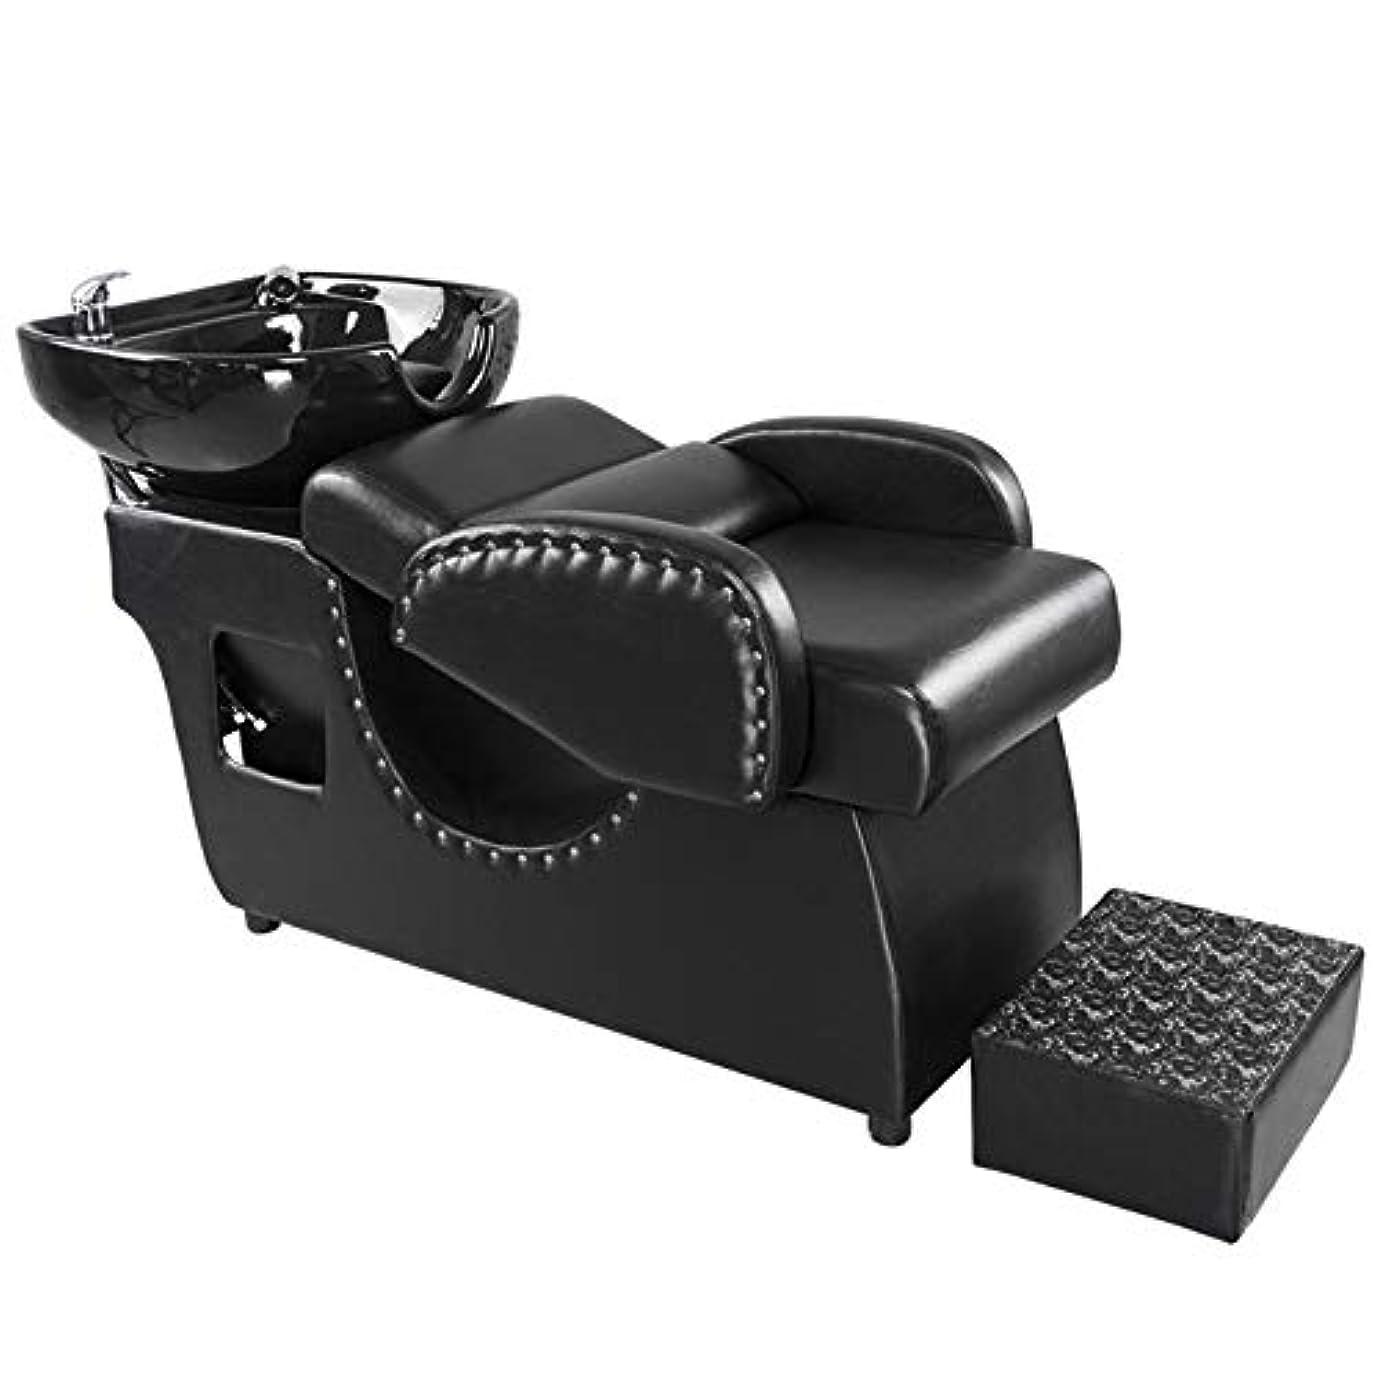 たまにアプト解体するシャンプーの理髪師の逆洗の椅子、鉱泉の美容院のためのベッドを洗う陶磁器の洗面器の流しの流しの椅子